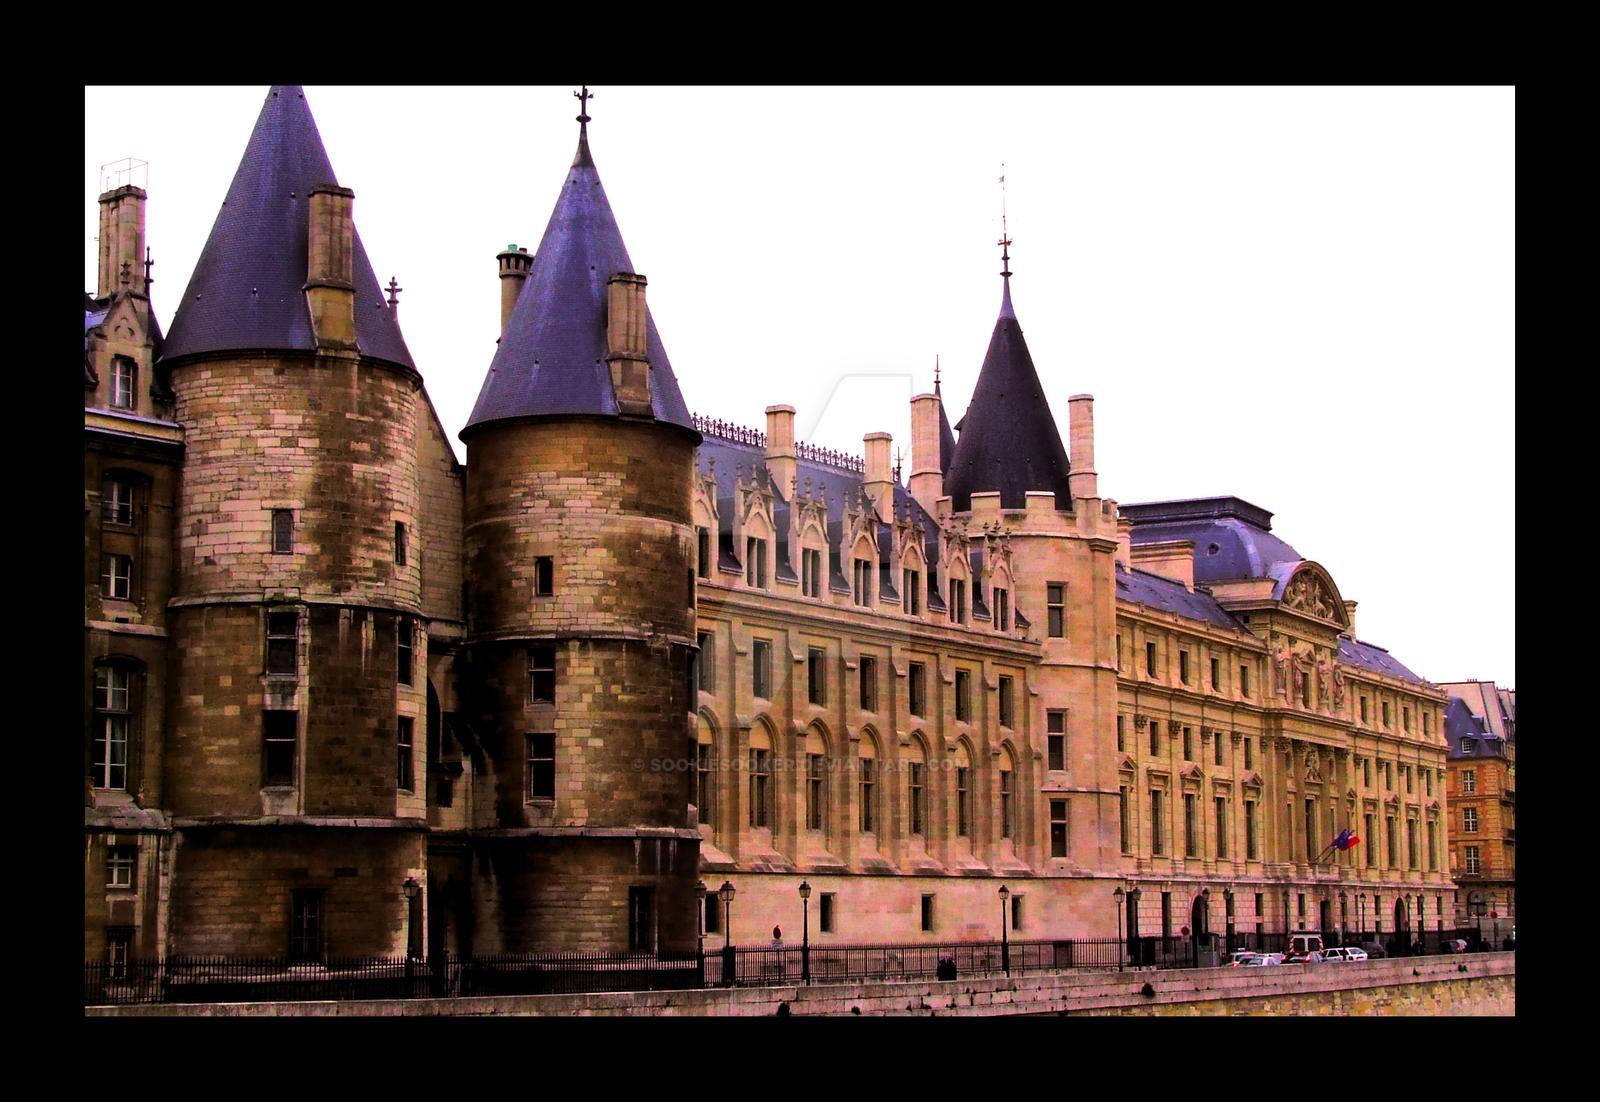 Building in Paris 2